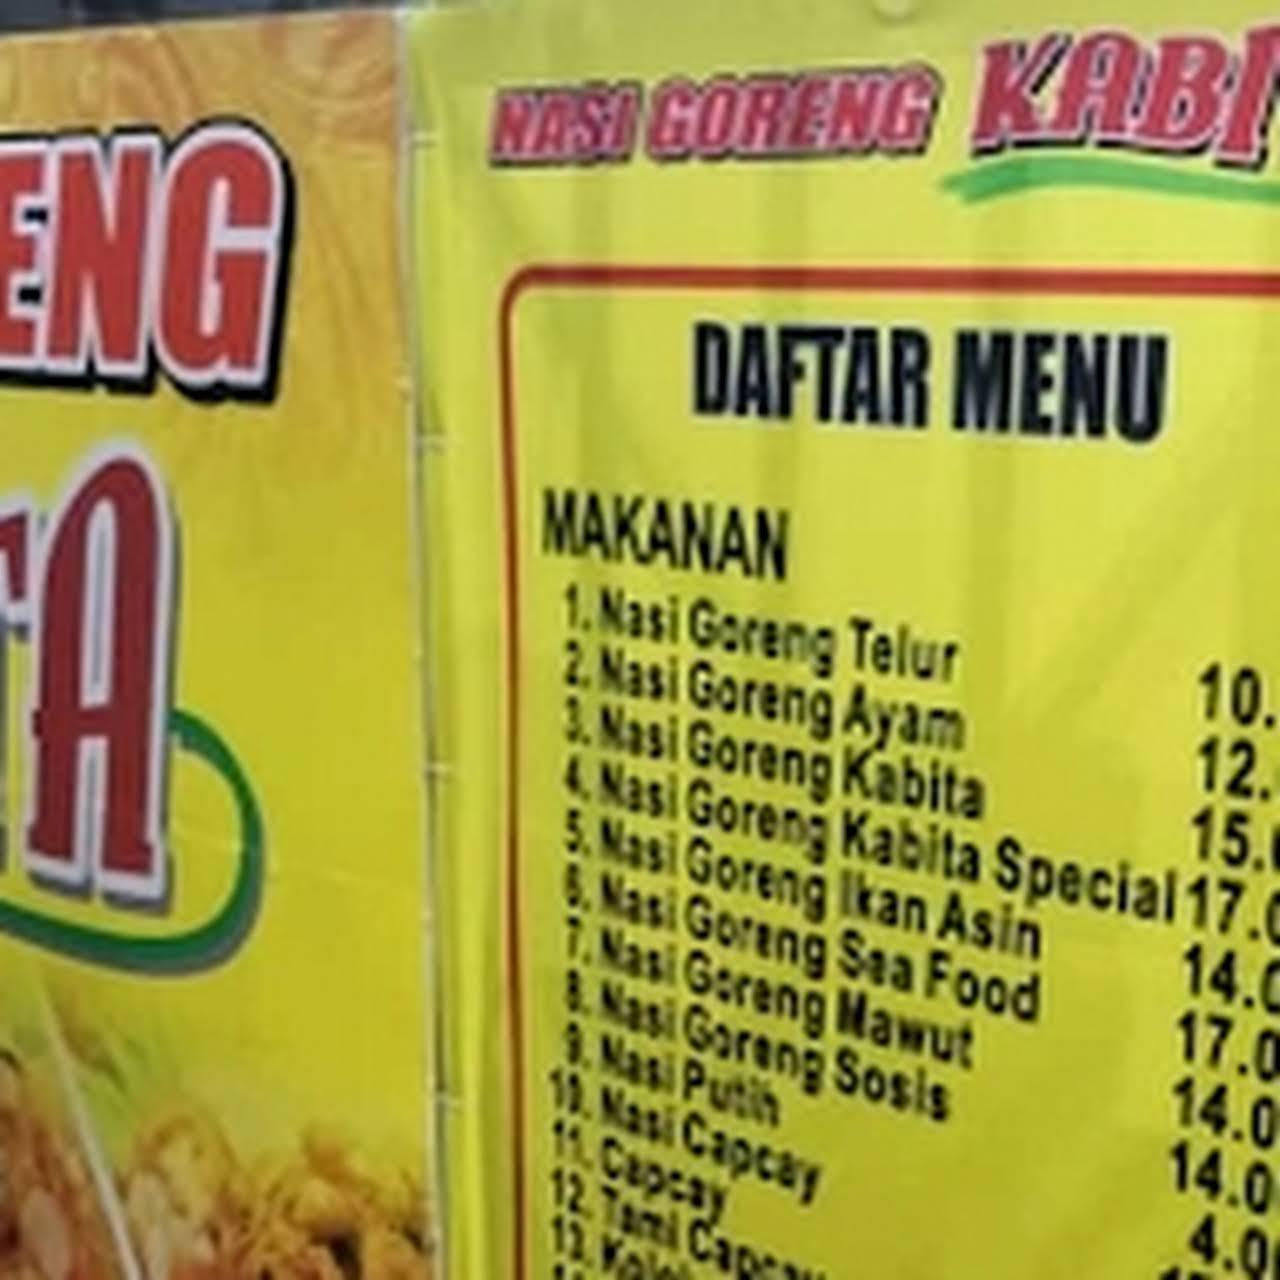 Nasi Goreng Kabita Restoran